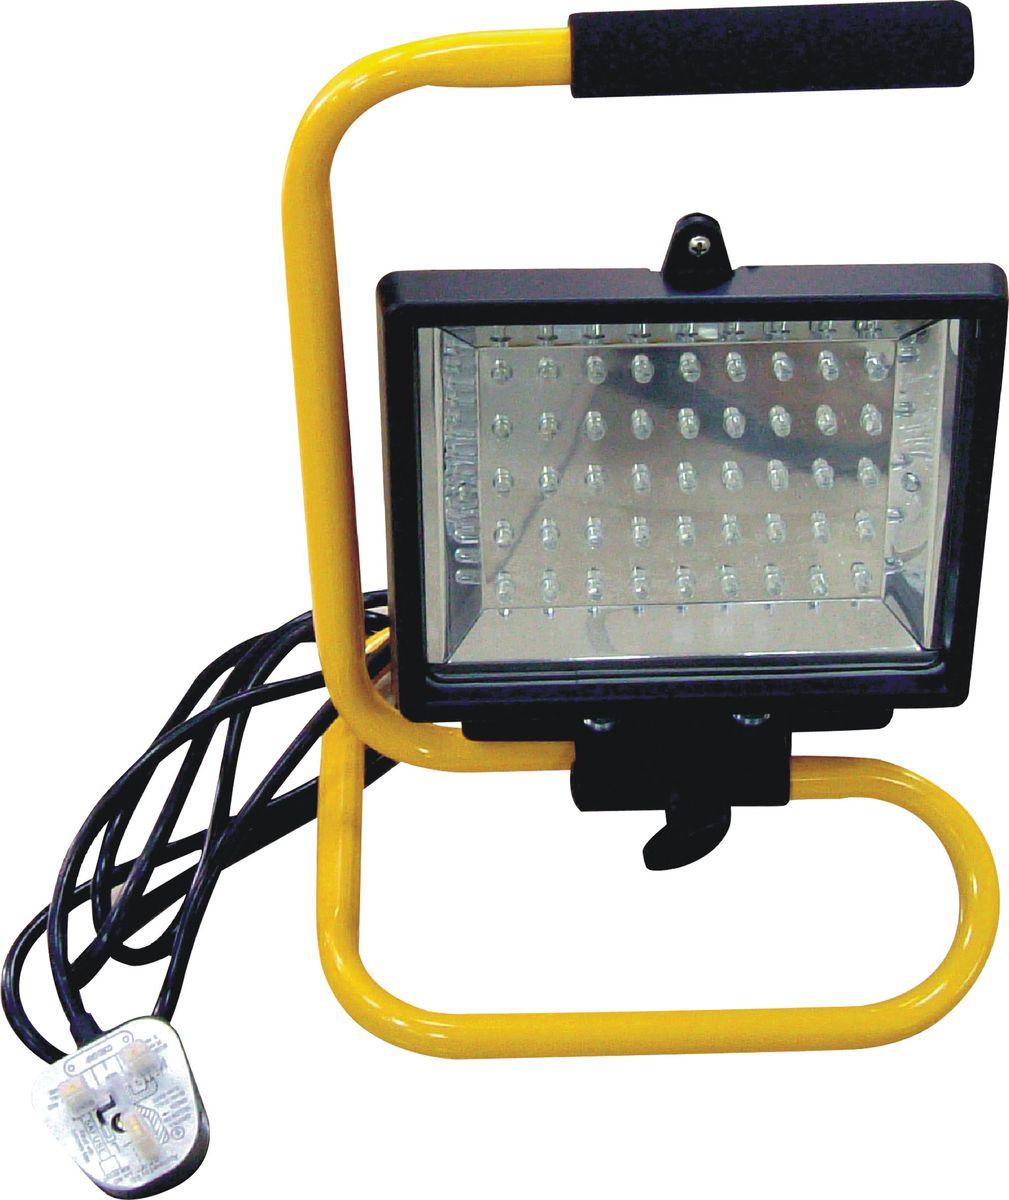 Лампа-прожектор гаражная Zipower, светодиодная. PM 4257C0027358Лампа-прожектор Zipower предназначена для локального освещения в гаражах, на парковках, в складских помещения, ангарах, подъездах. Прожектор обеспечивает мощный световой поток, позволяет экономить электроэнергию благодаря использованию 45 современных светодиодов. Изделие устойчиво к перепадам напряжения и может храниться при температуре от –40°С до +50°C. Надежный и устойчивый корпус оснащен рукояткой для переноса.Количество светодиодов: 45.Длина электрического кабеля: 1,8 м